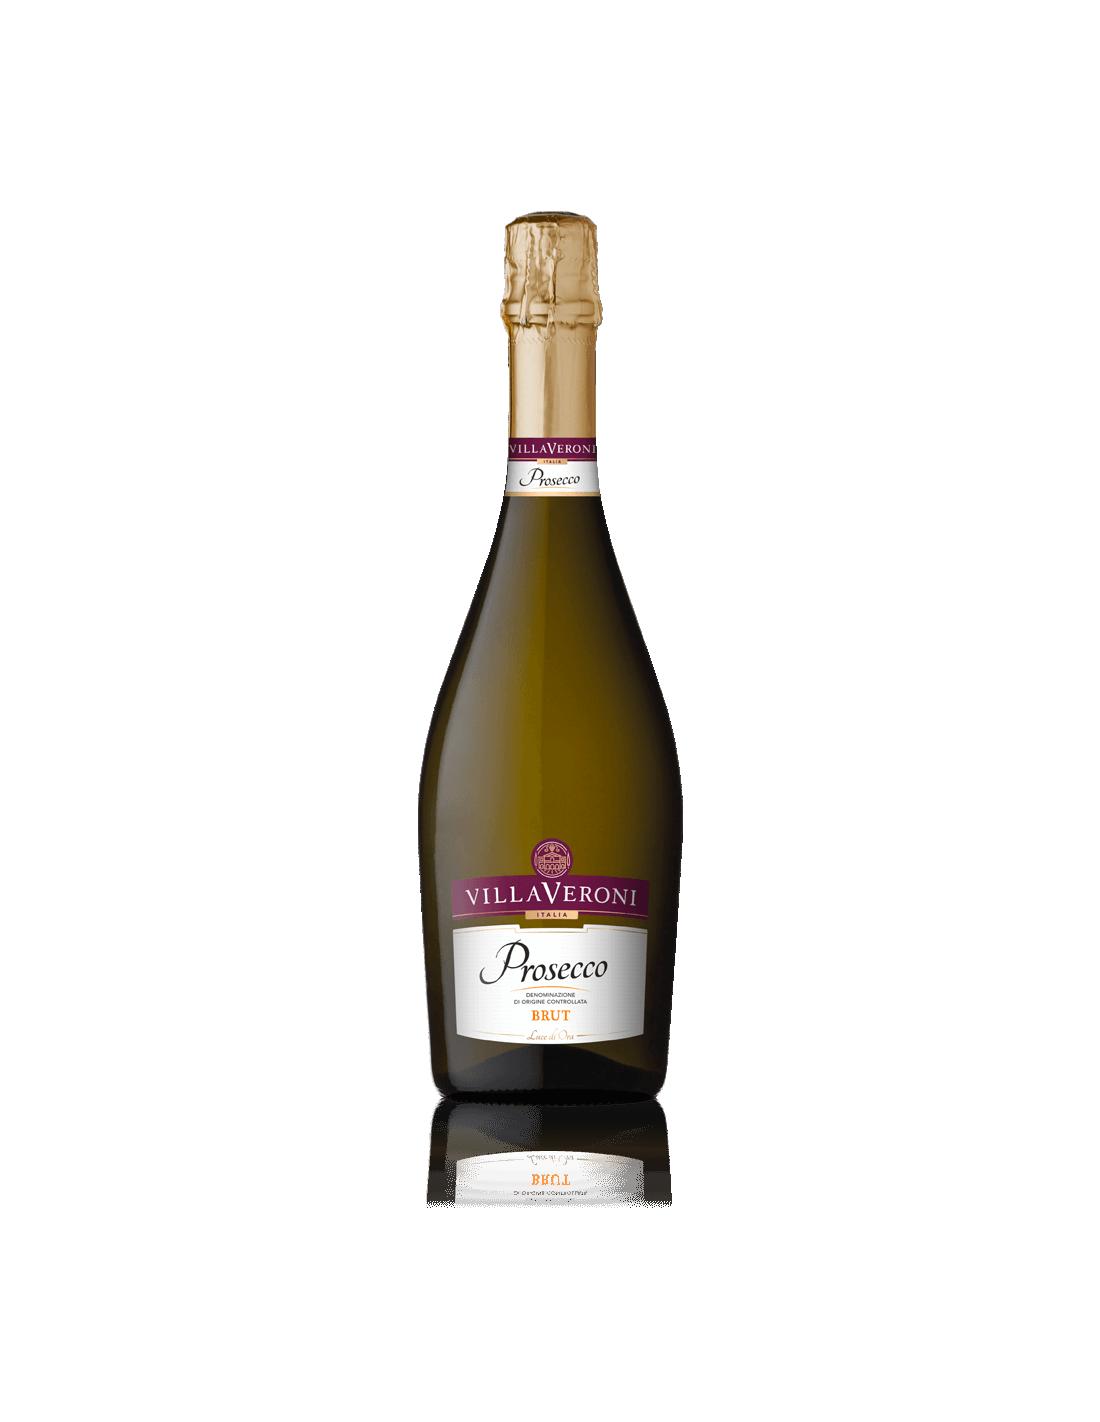 Vin prosecco, Villa Veroni Brut, 11.5% alc., 0.75L, Italia